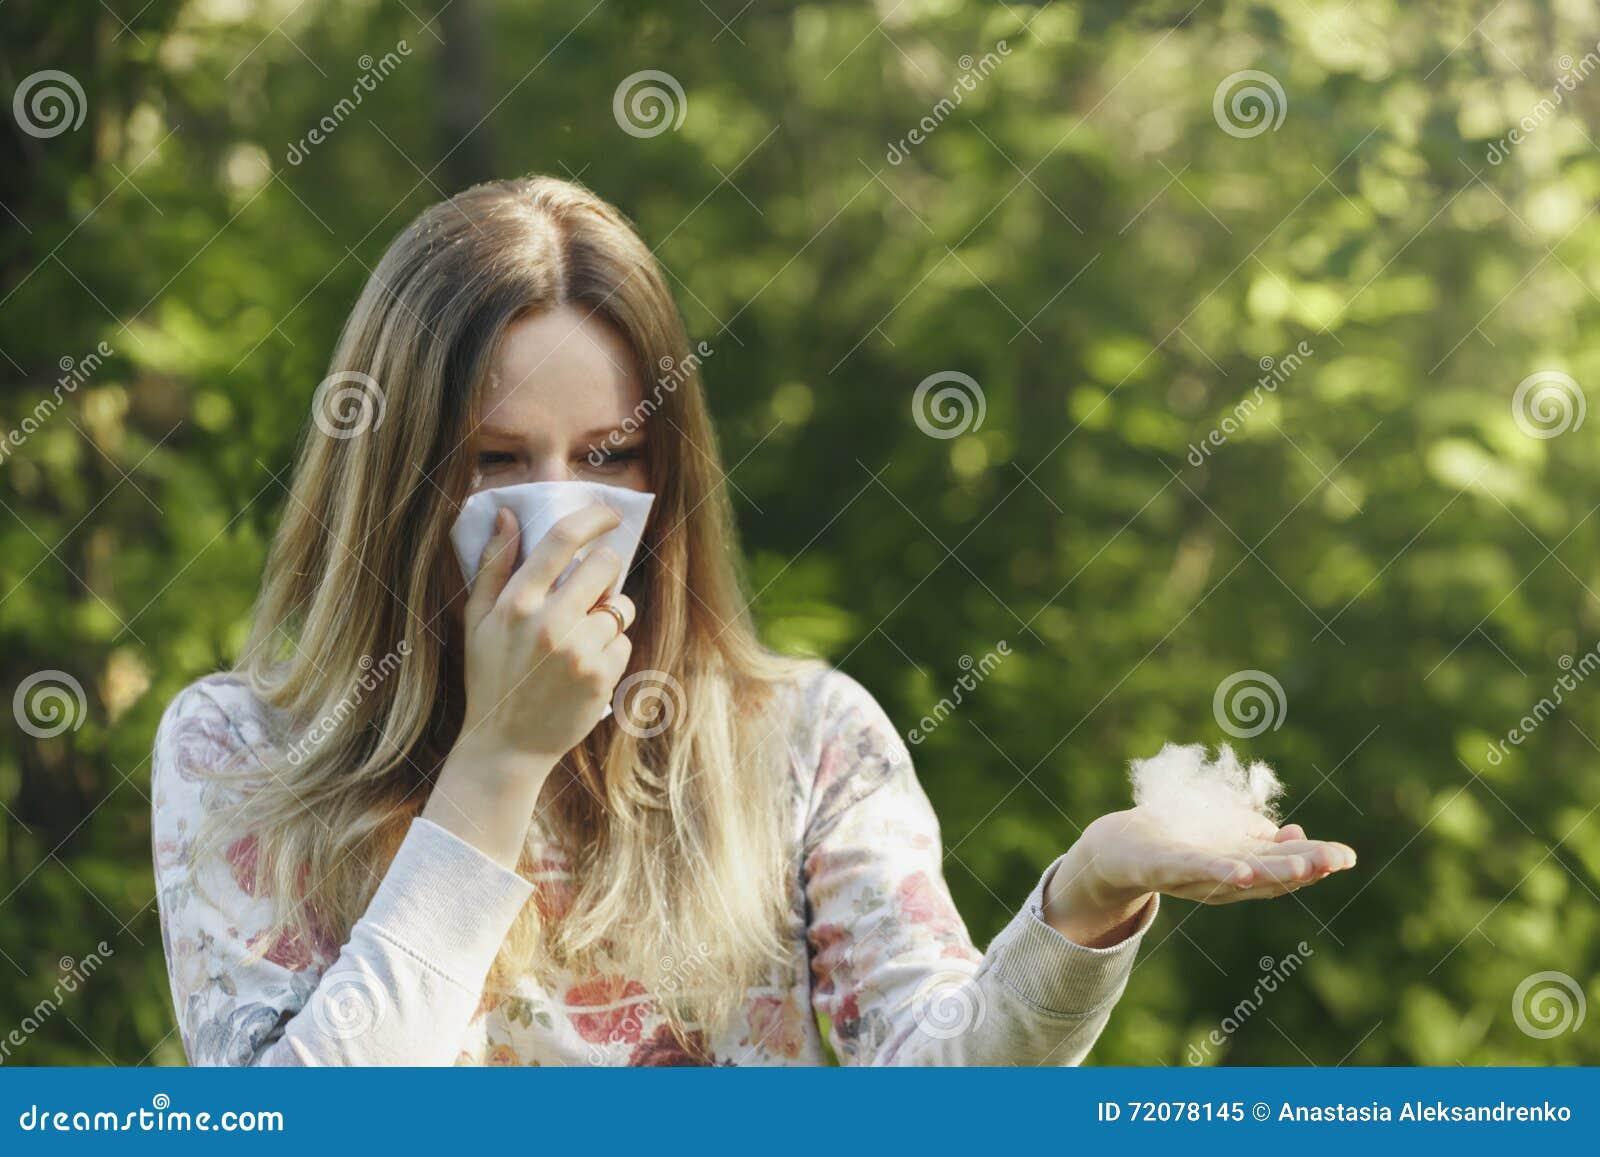 För lidandevår för ung kvinna allergi för pollen